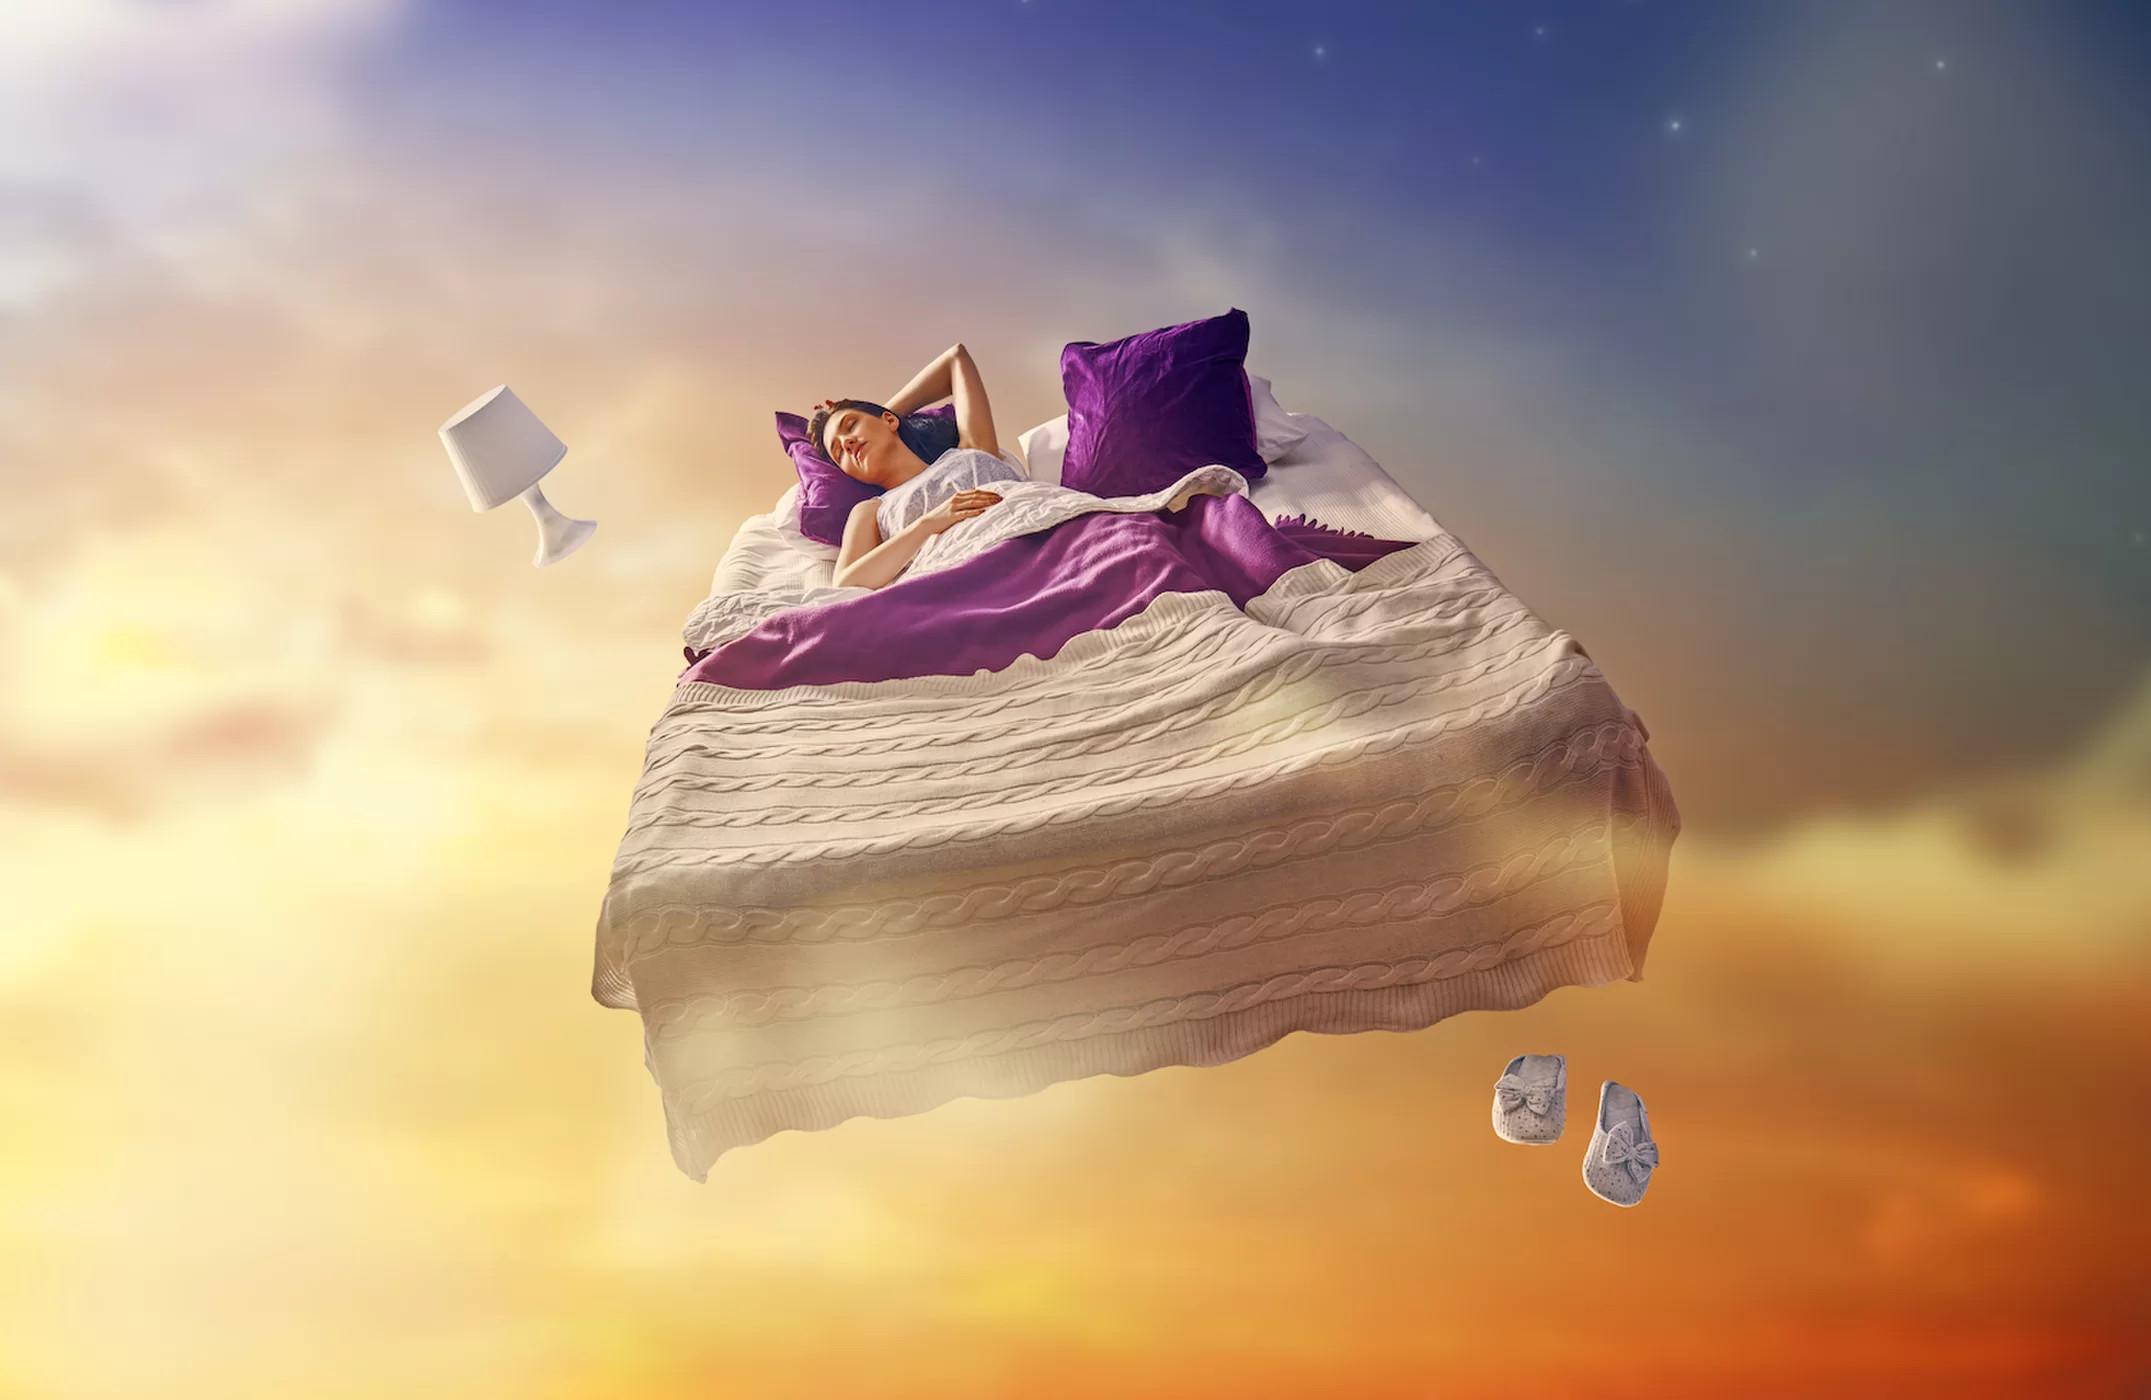 Những giấc mơ bạn thường gặp báo hiệu điều gì?